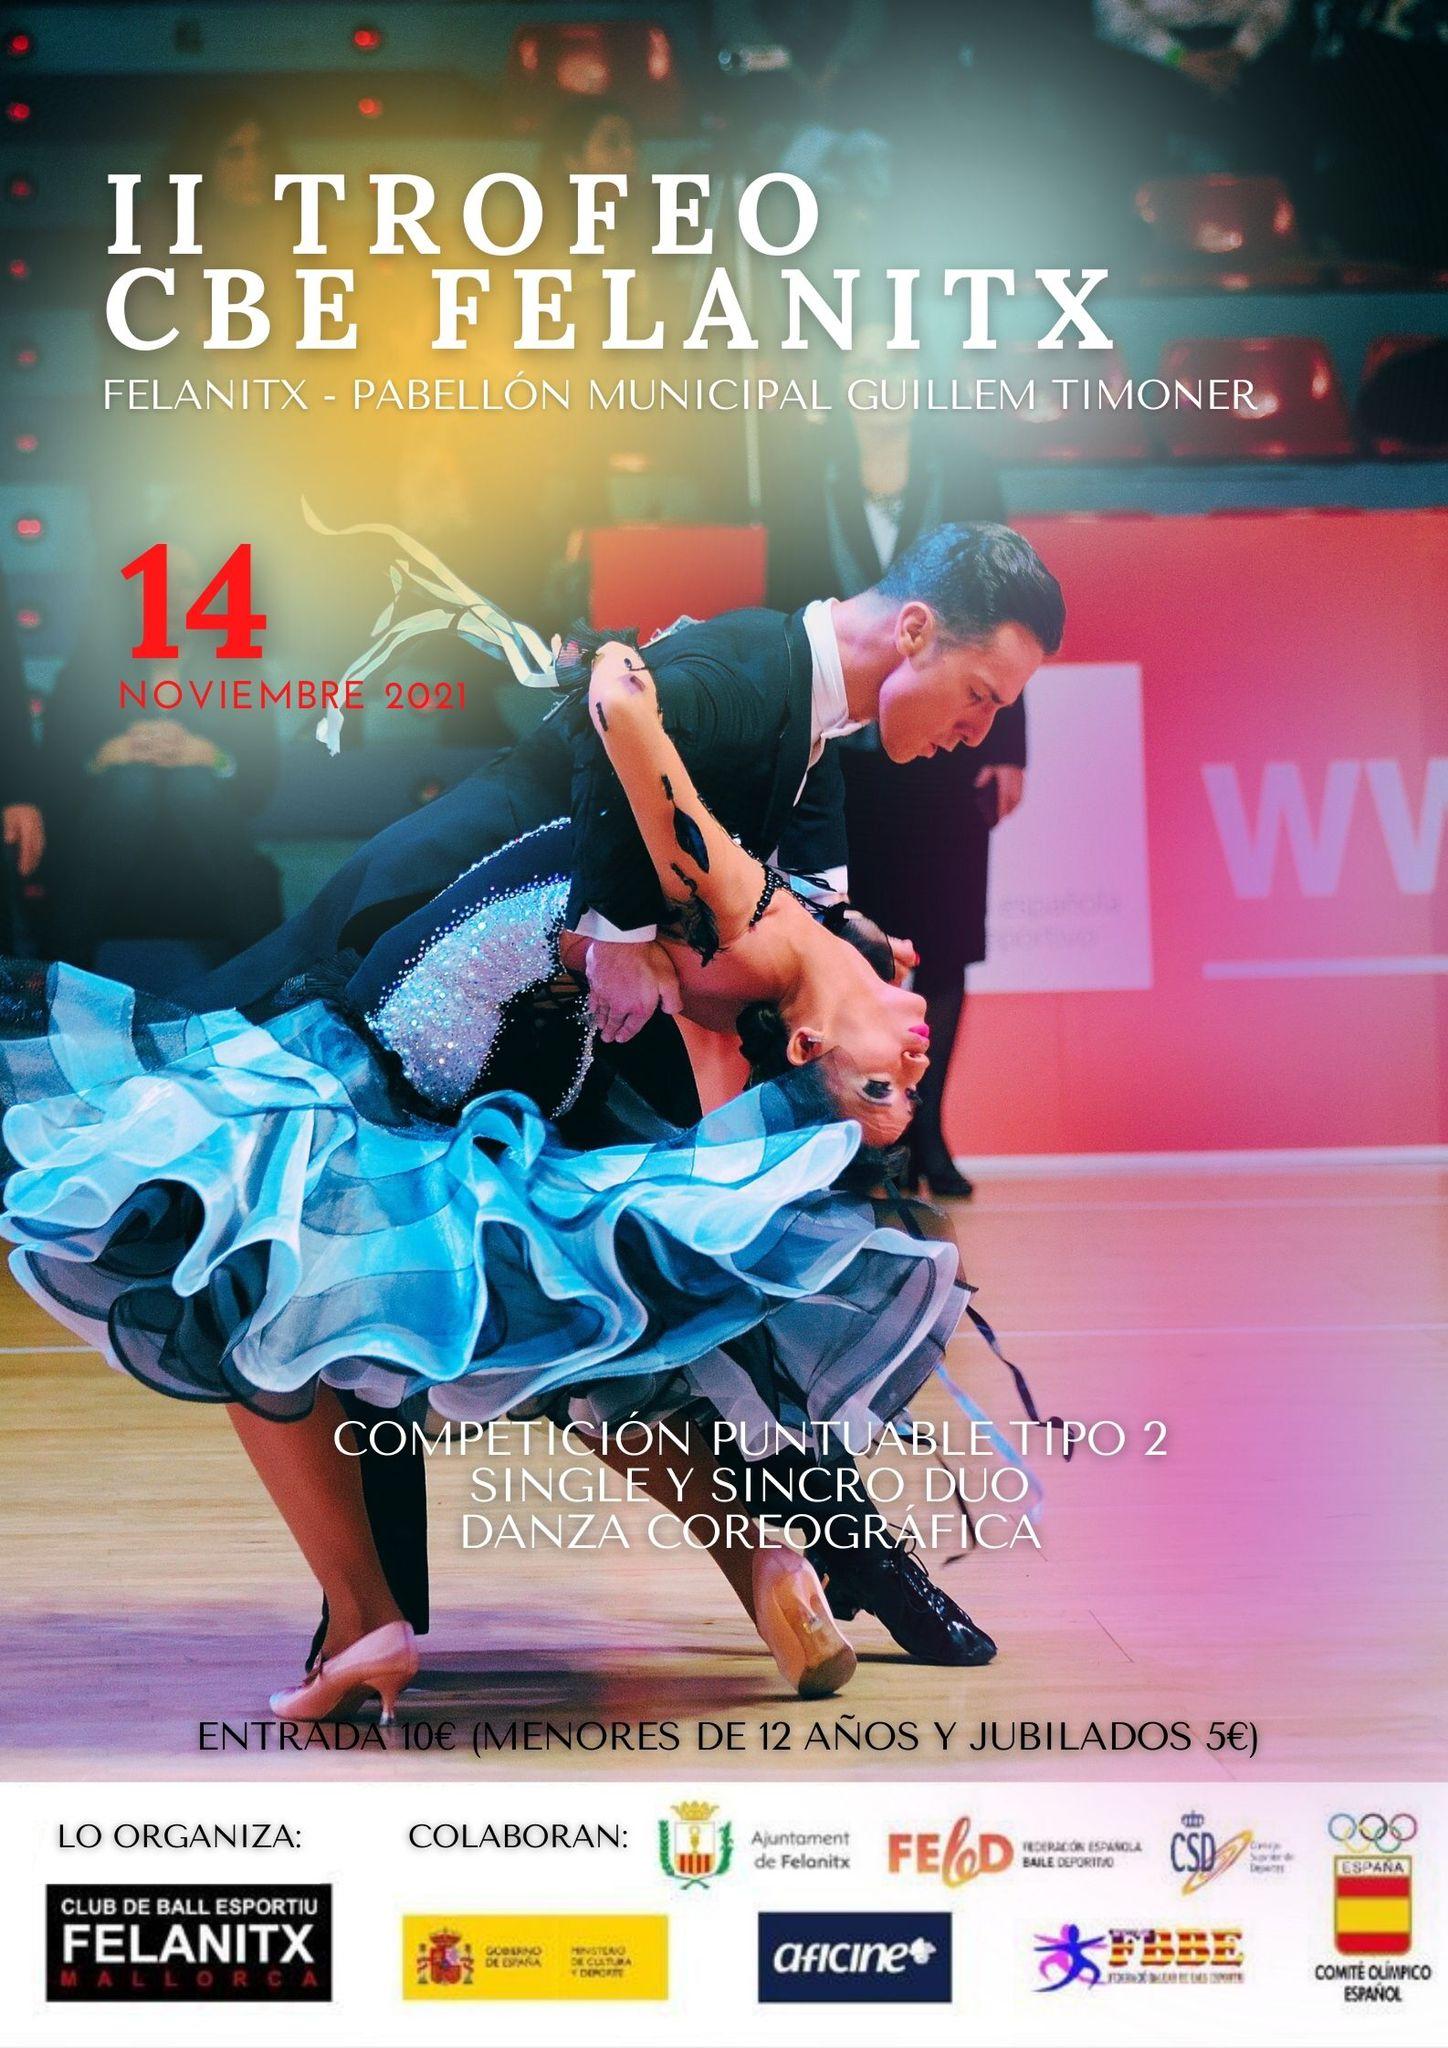 II Trofeo CBE Felanitx